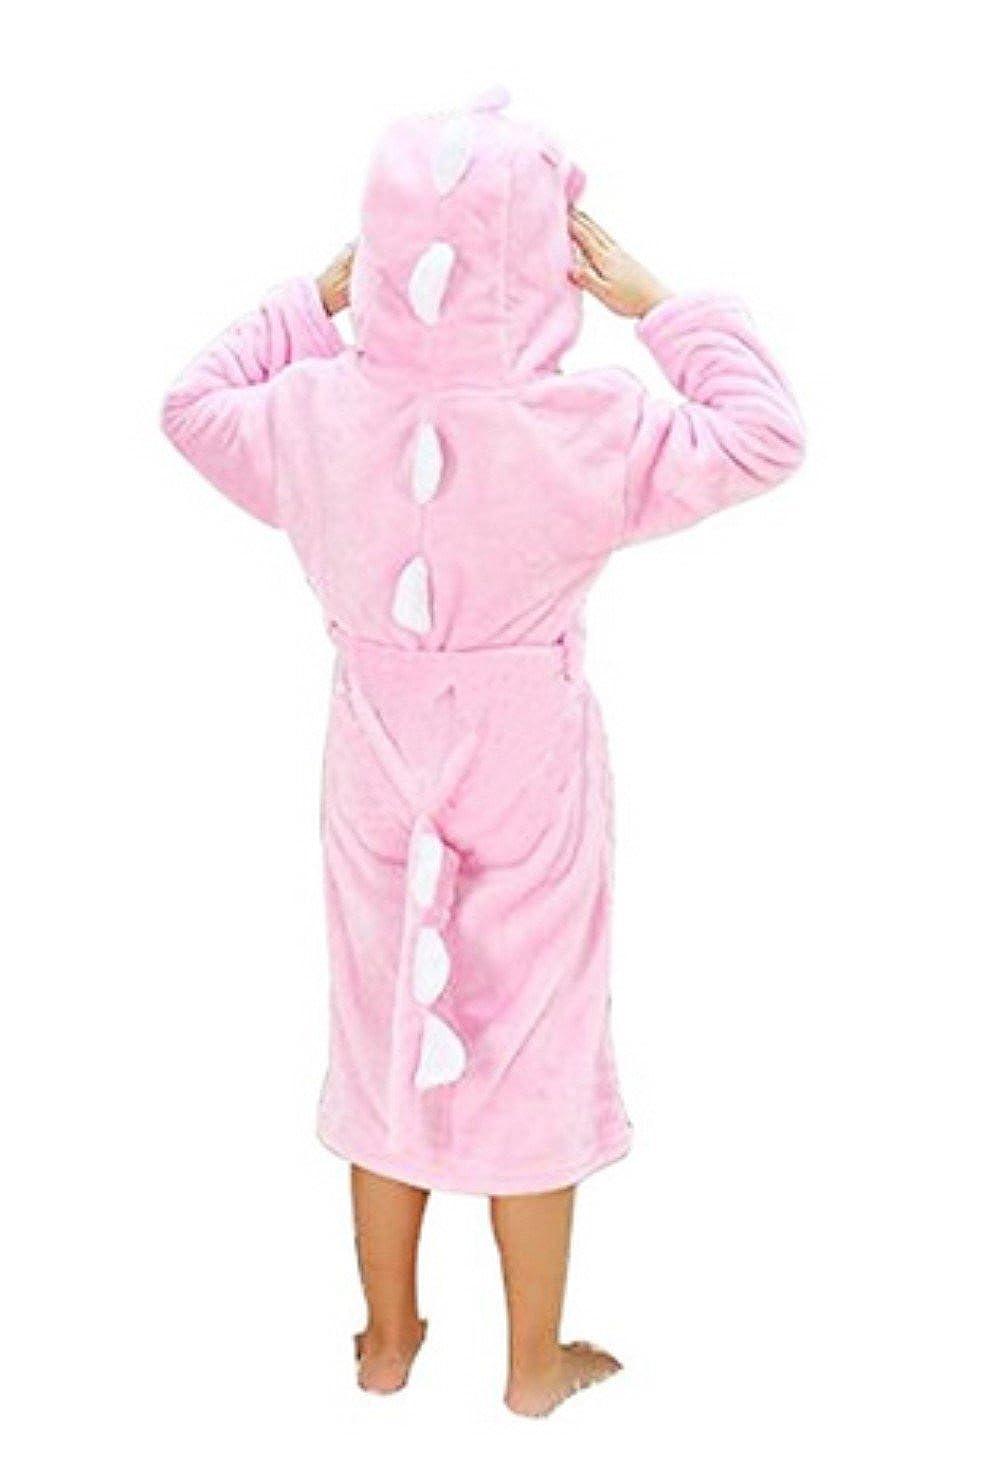 Woneart Albornoz Niña Camisones Novedad Disfraz de Peluche Animales Ropa De Dormir con Capucha Baño Costume Halloween Carnaval Pijamas Batas para bebé ...